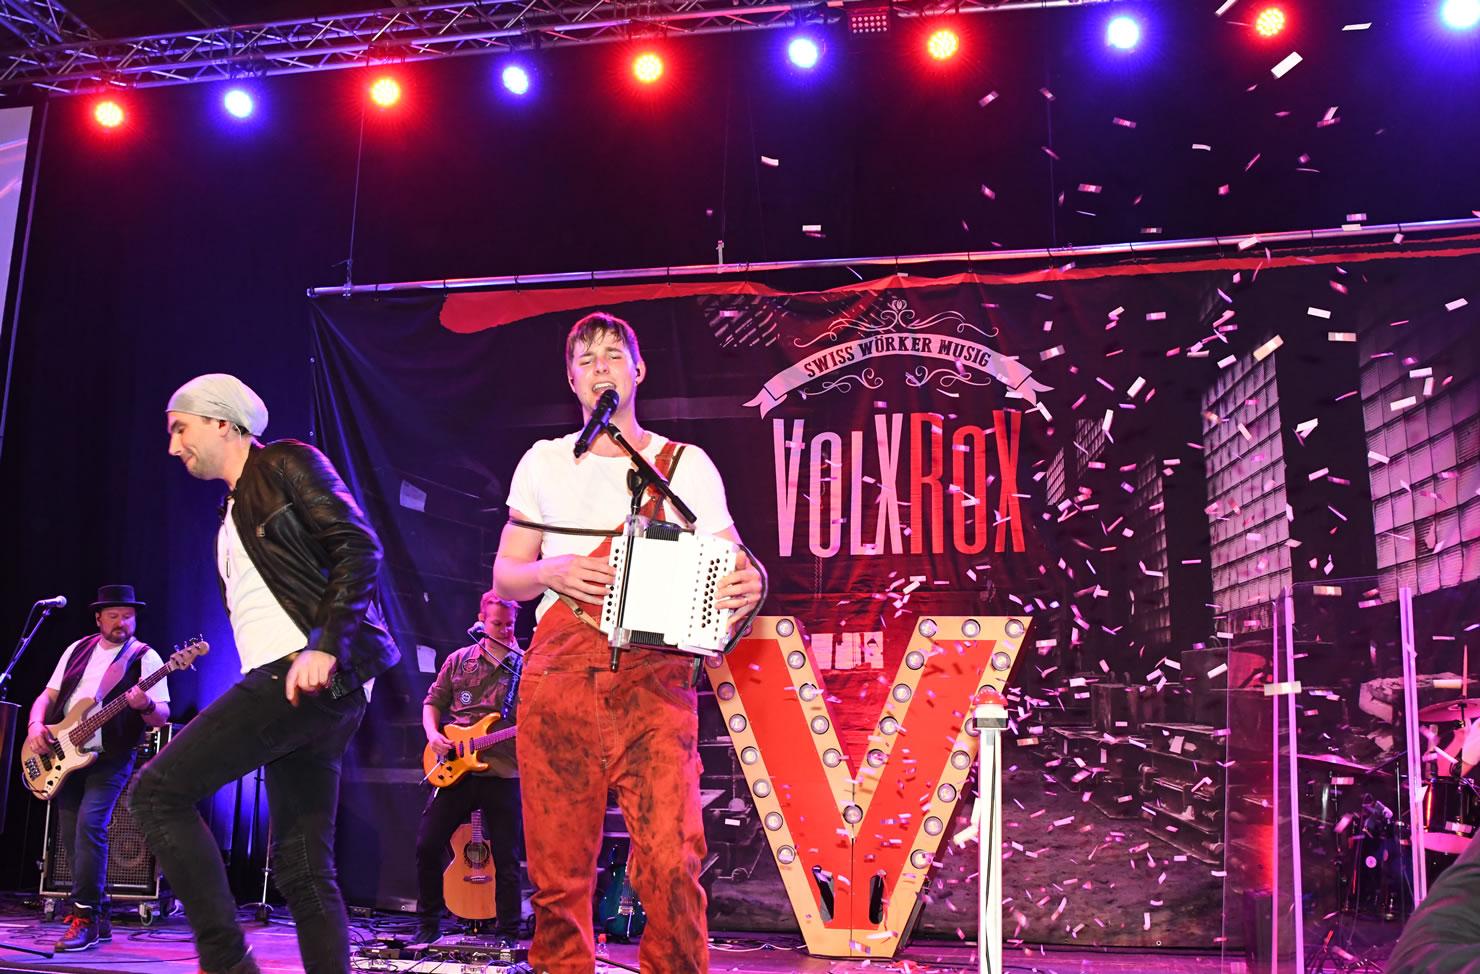 Für VolXRox unterwegs. USL Veranstaltungstechnik betreut auch Ihre Band